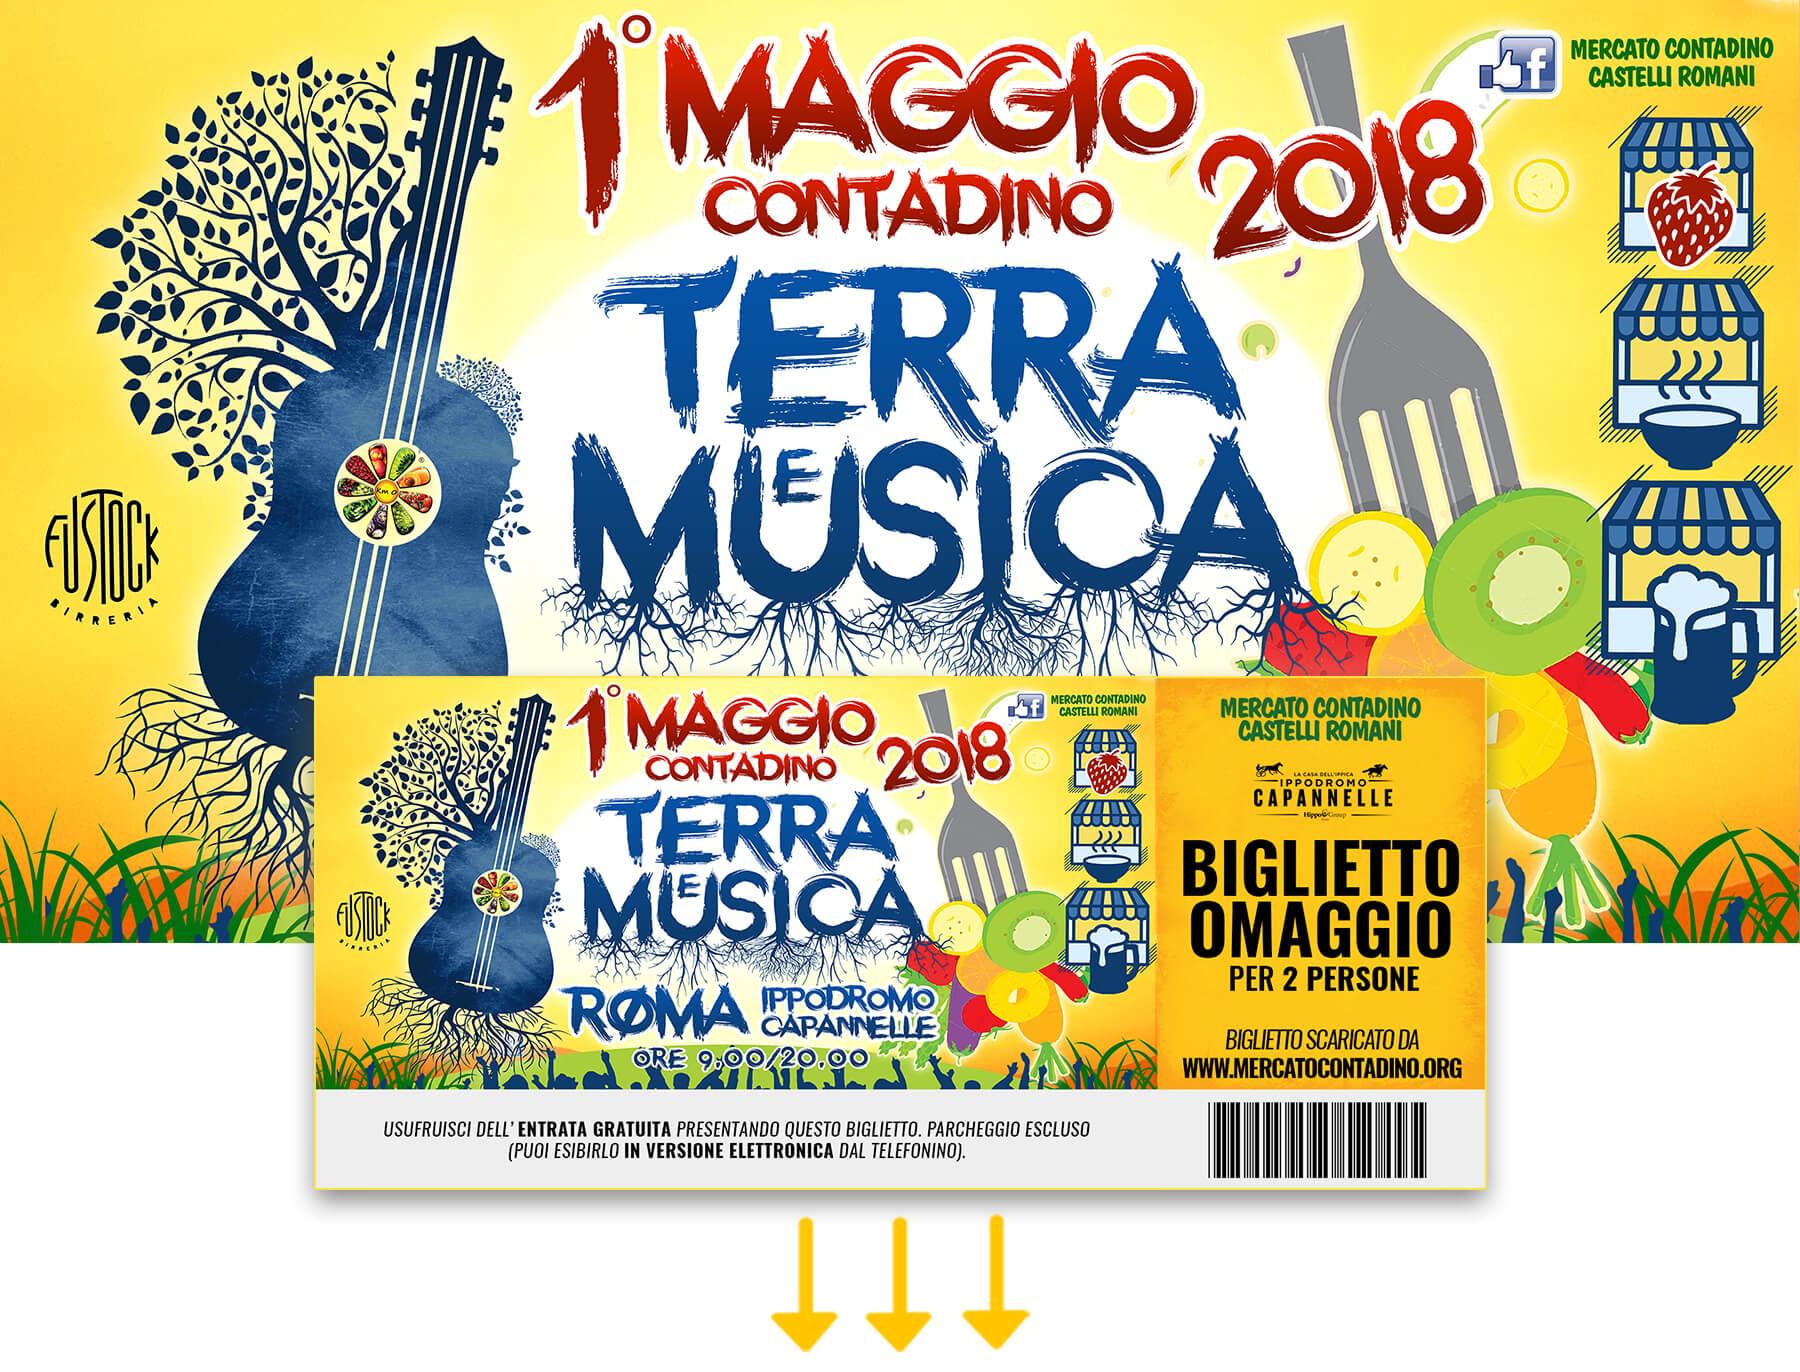 terra_musica_2018_biglietto_omaggio_primo_maggio_roma_ippodromo_capannelle